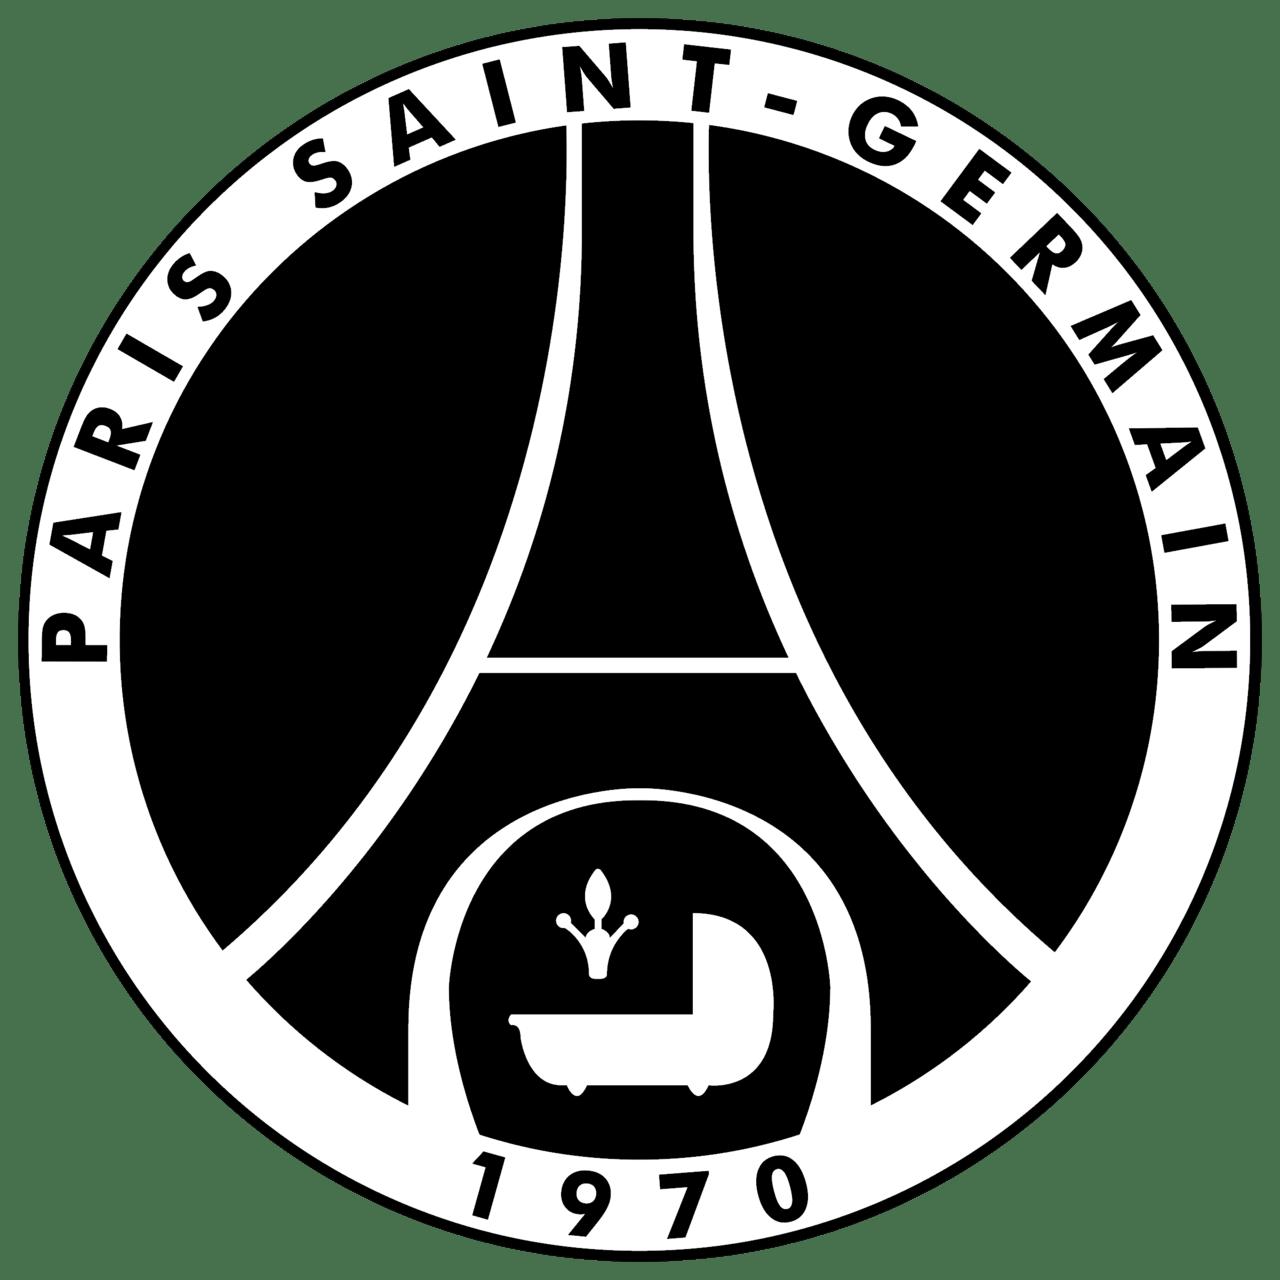 psg logo black and white brands logos